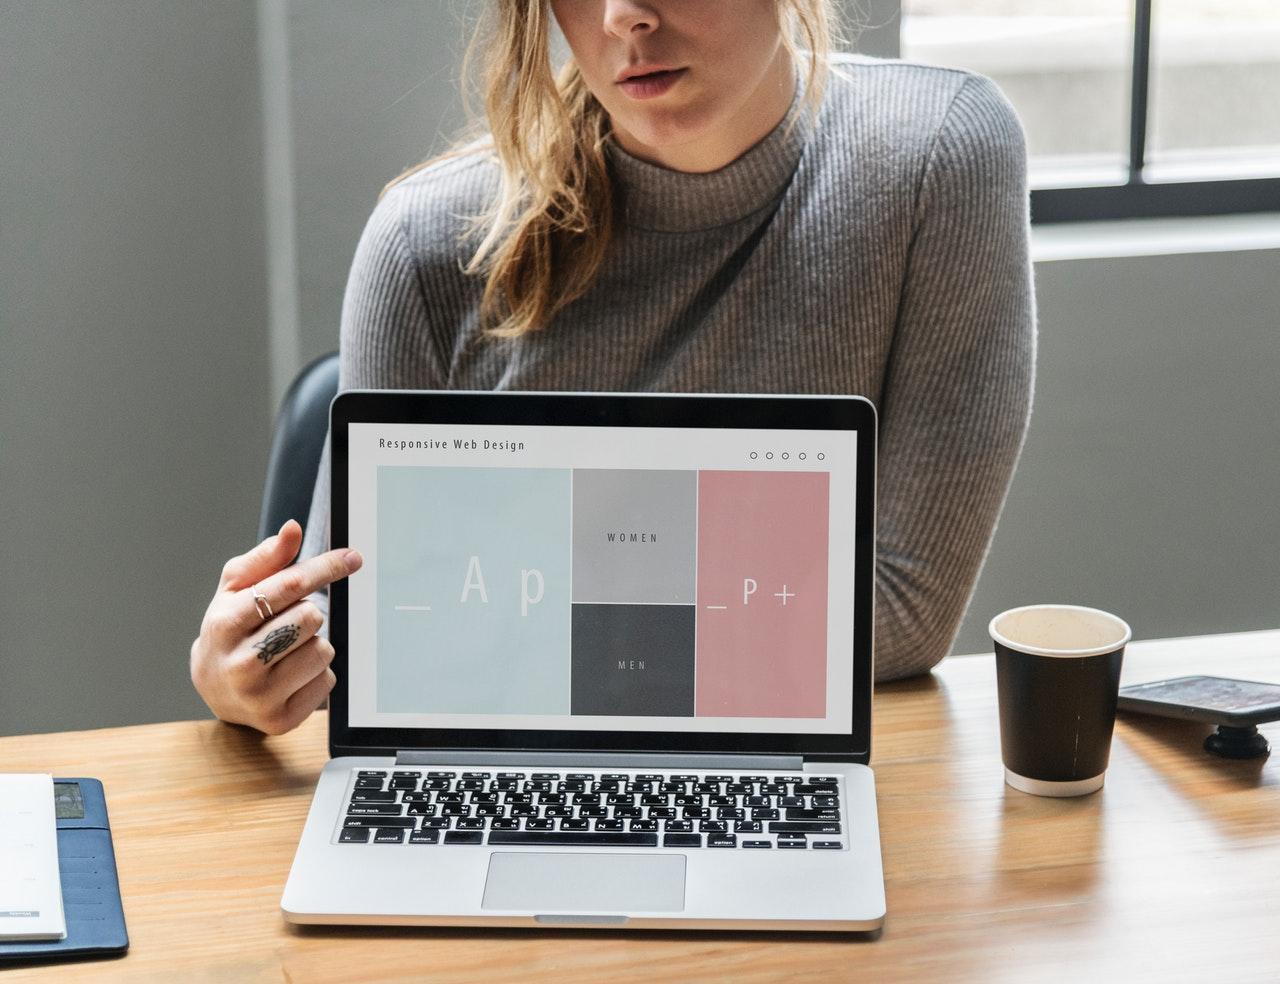 7 mẹo hay làm Landing Page cho chiến lược tiếp thị kỹ thuật số hiệu quả hơn [Infographic]